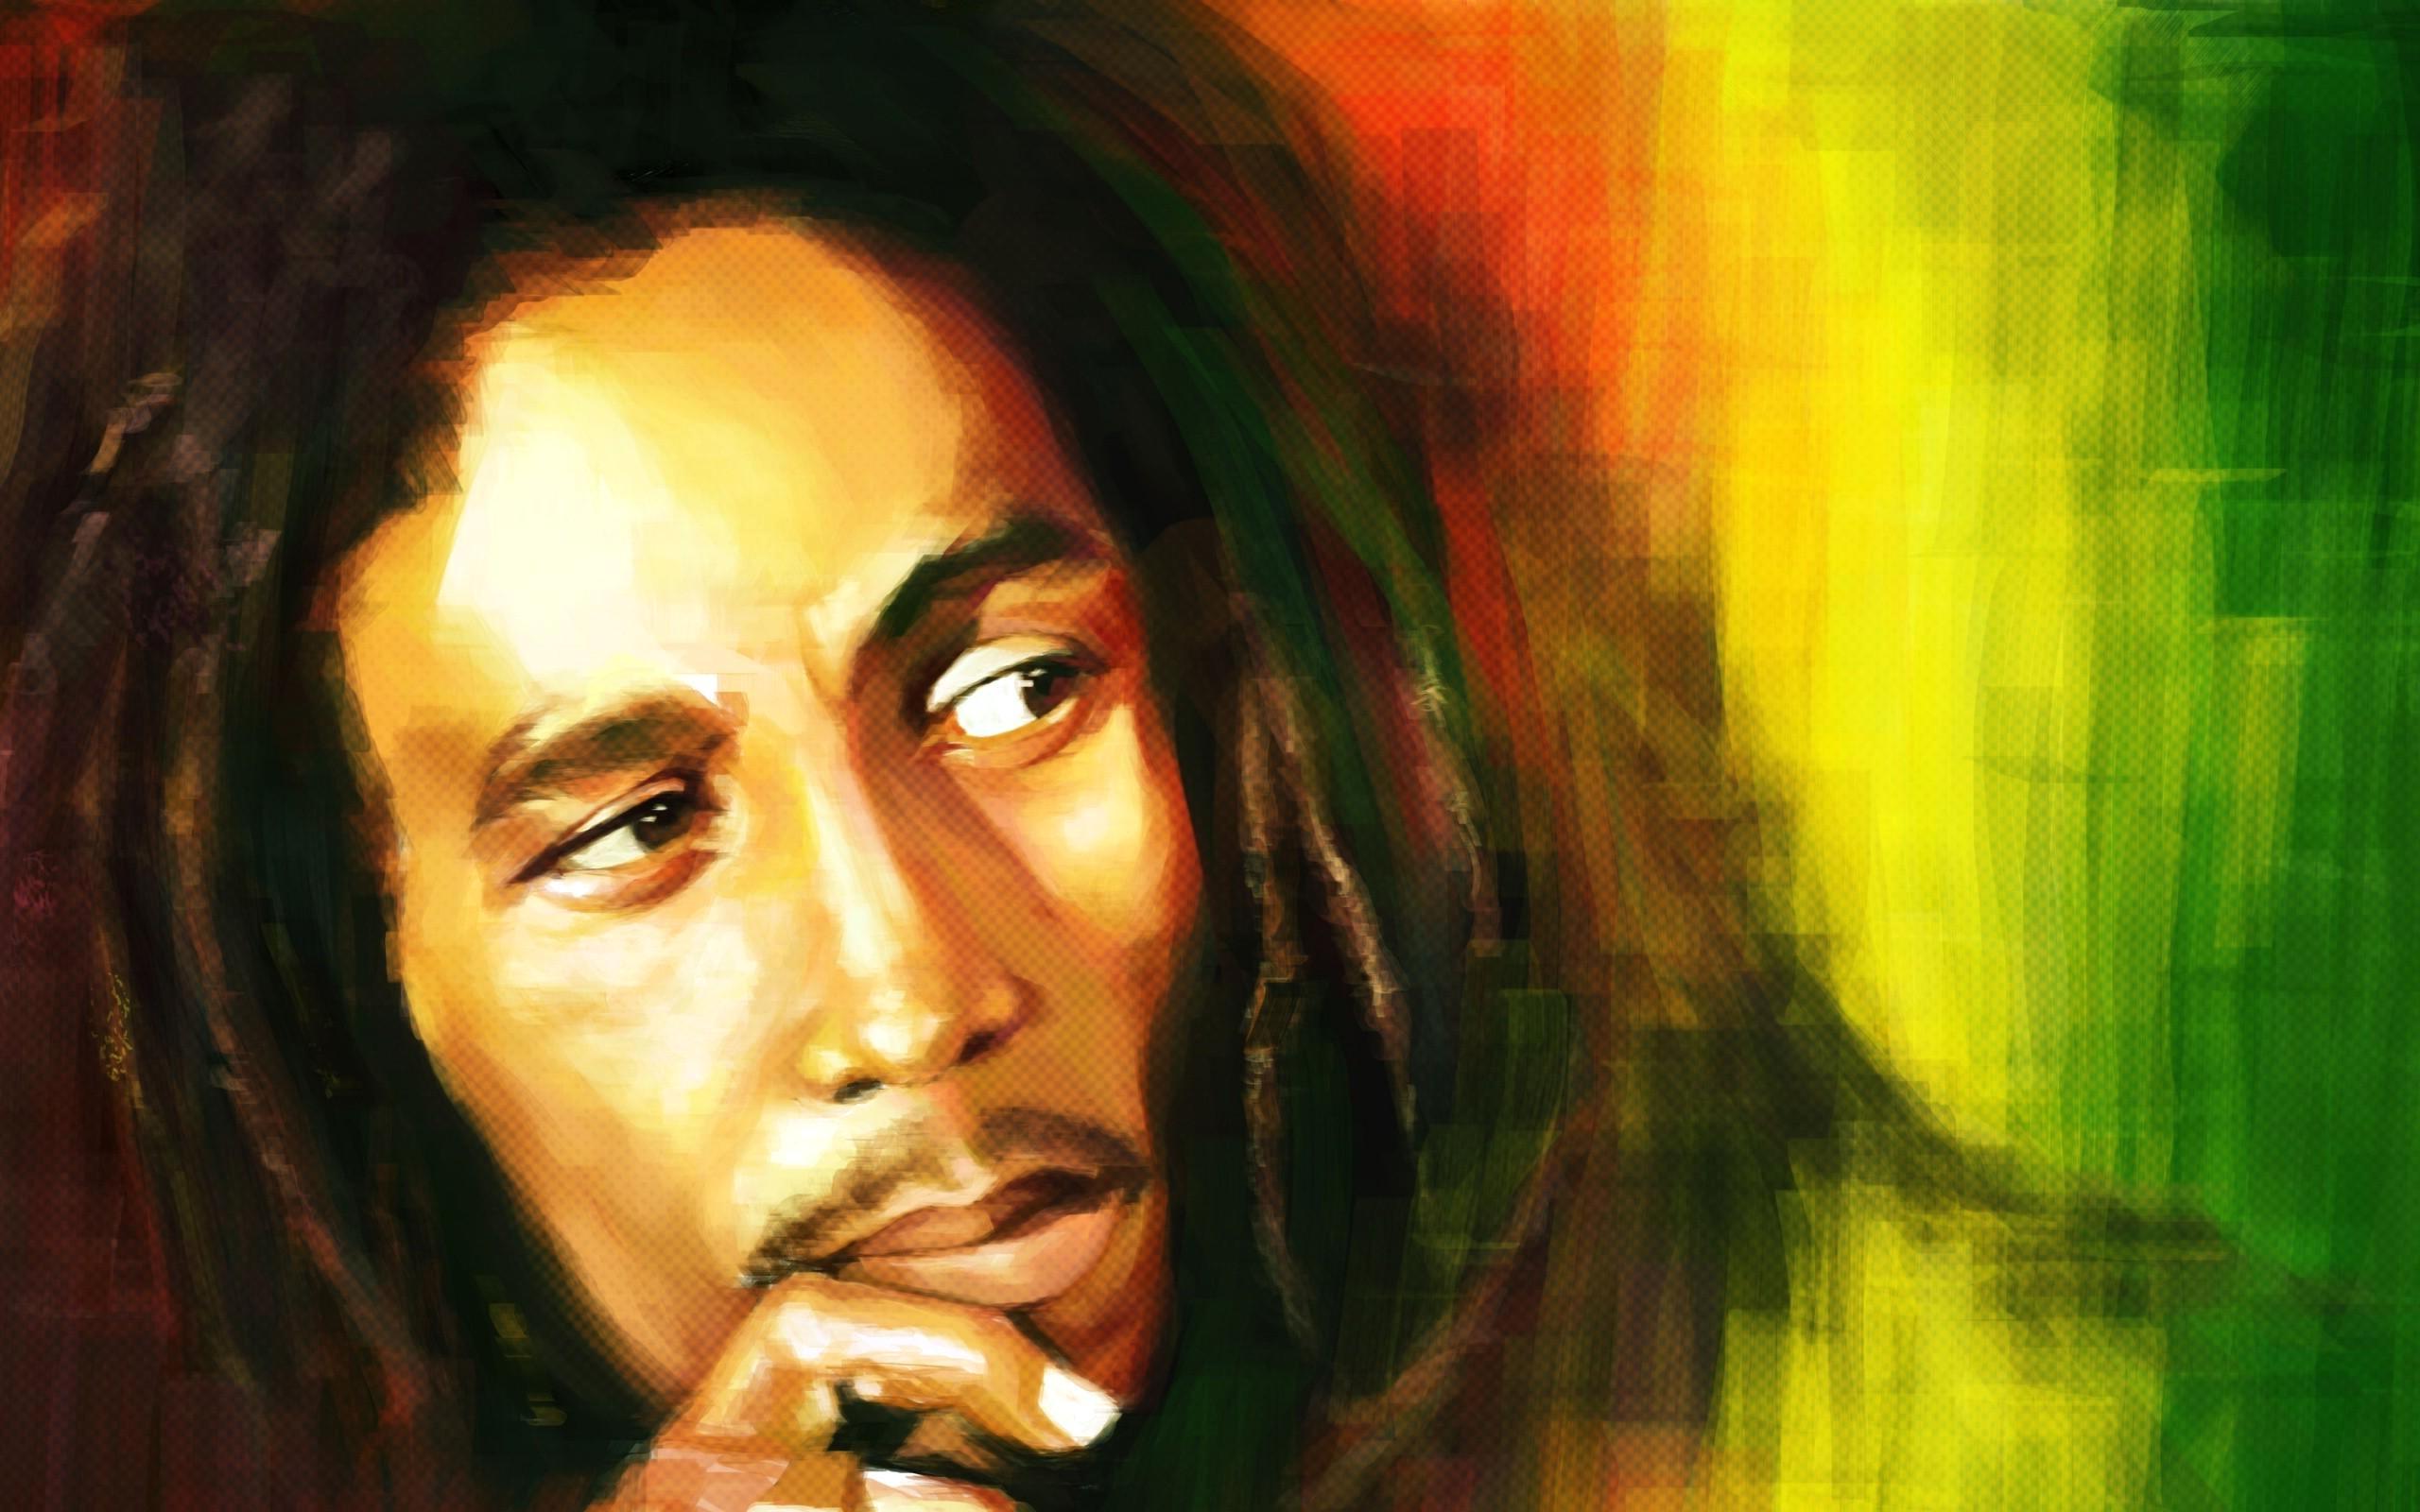 Il reggae entra nel patrimonio mondiale dell'umanità. È la prima volta per un genere musicale di diffusione mondiale